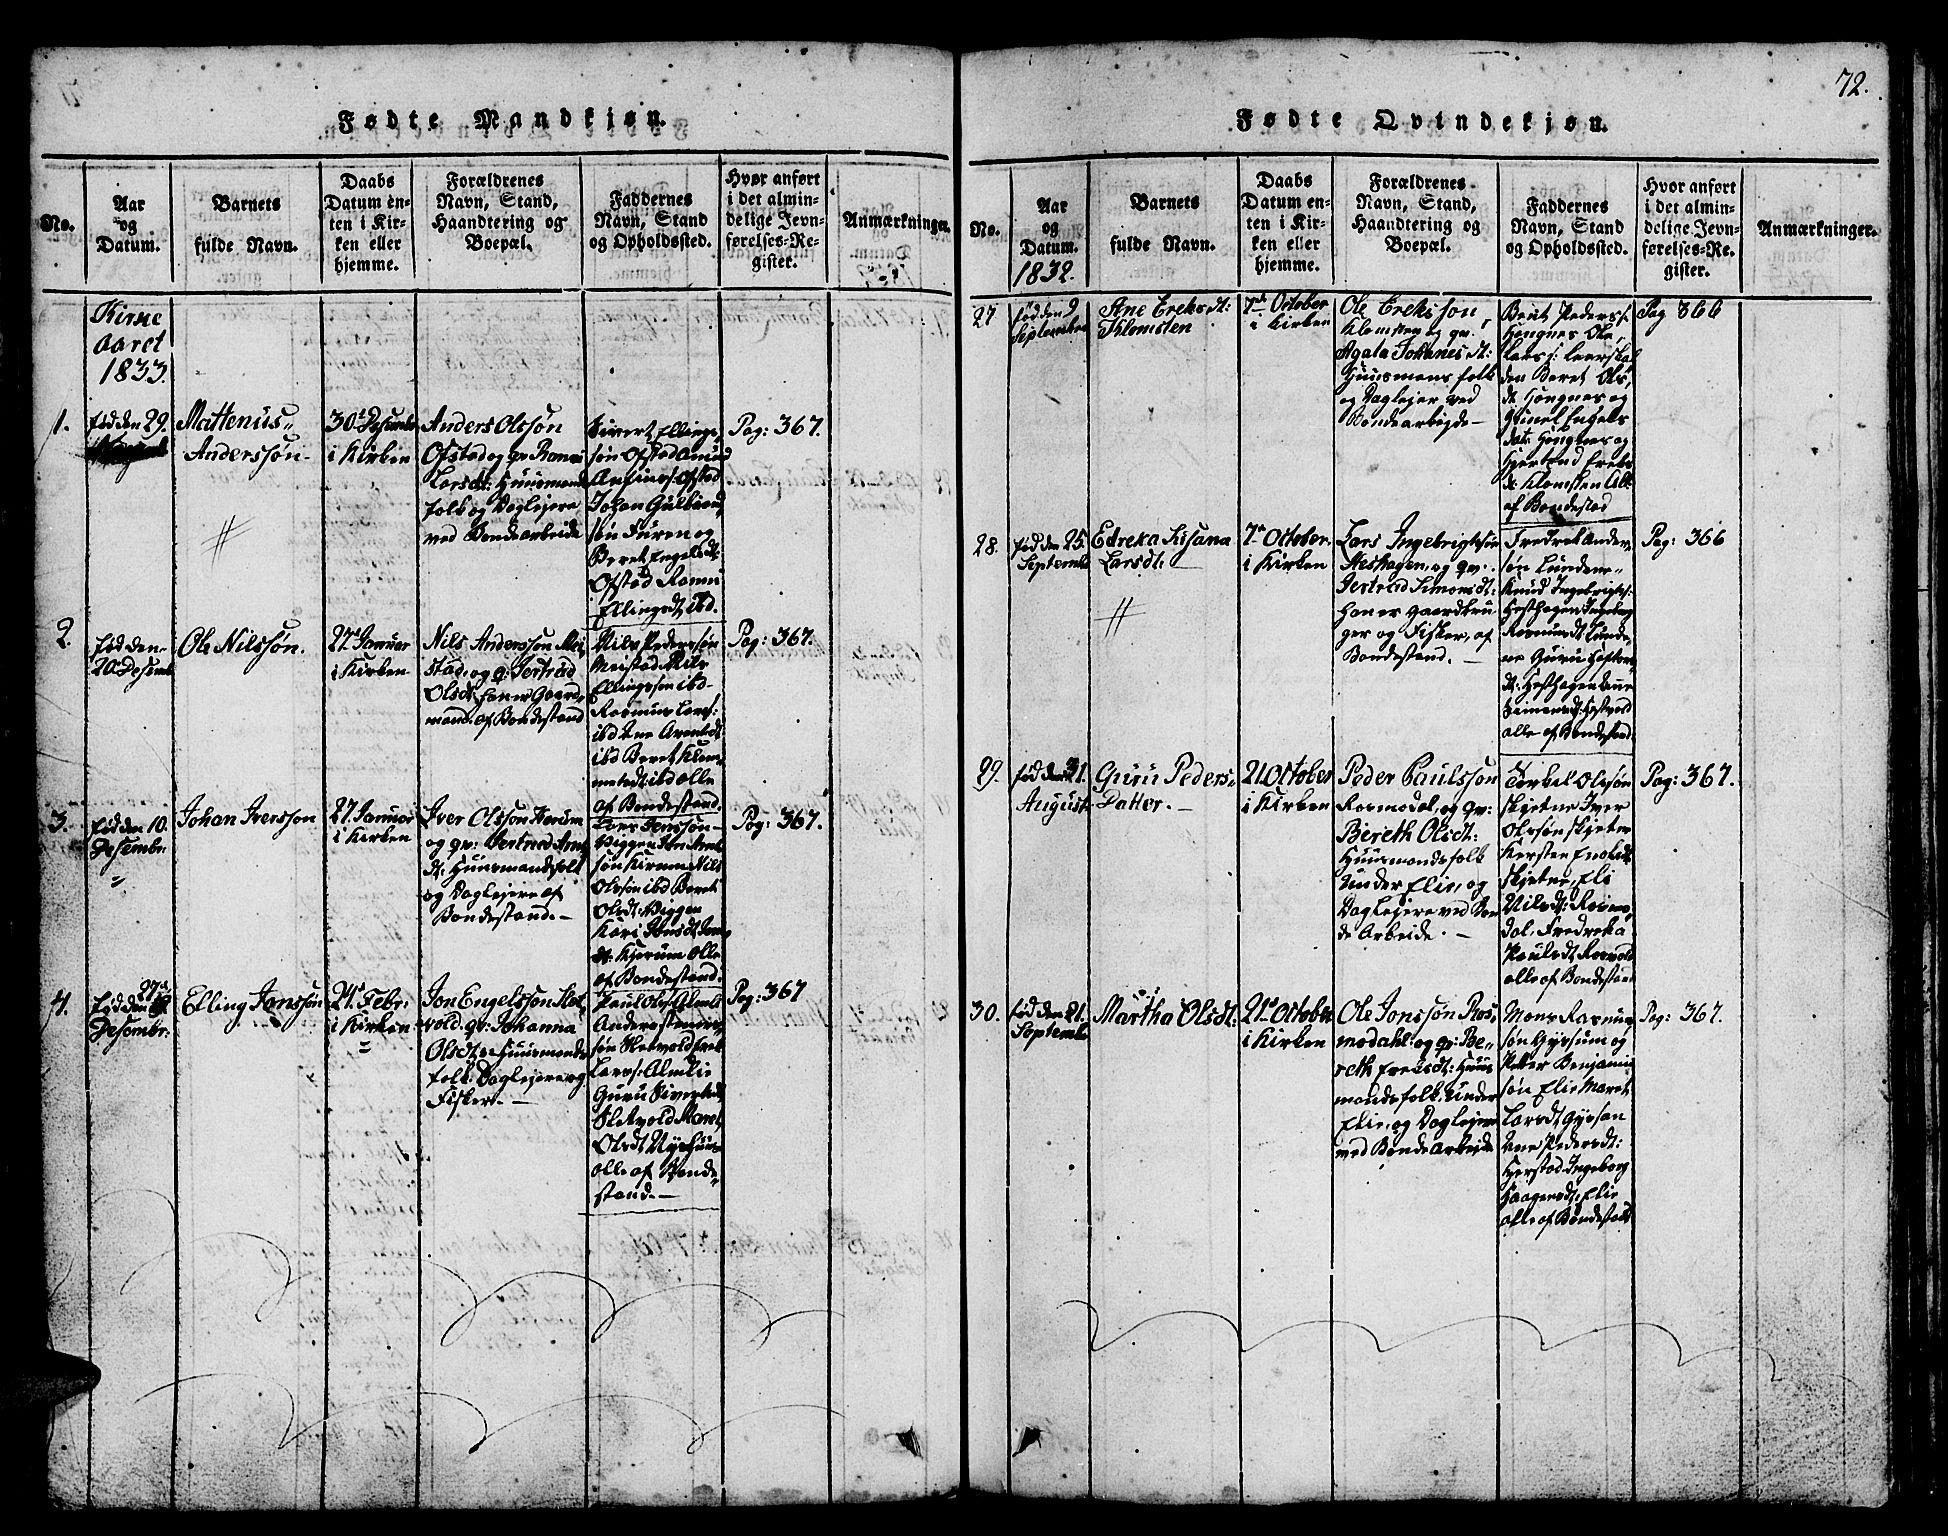 SAT, Ministerialprotokoller, klokkerbøker og fødselsregistre - Sør-Trøndelag, 665/L0776: Klokkerbok nr. 665C01, 1817-1837, s. 72